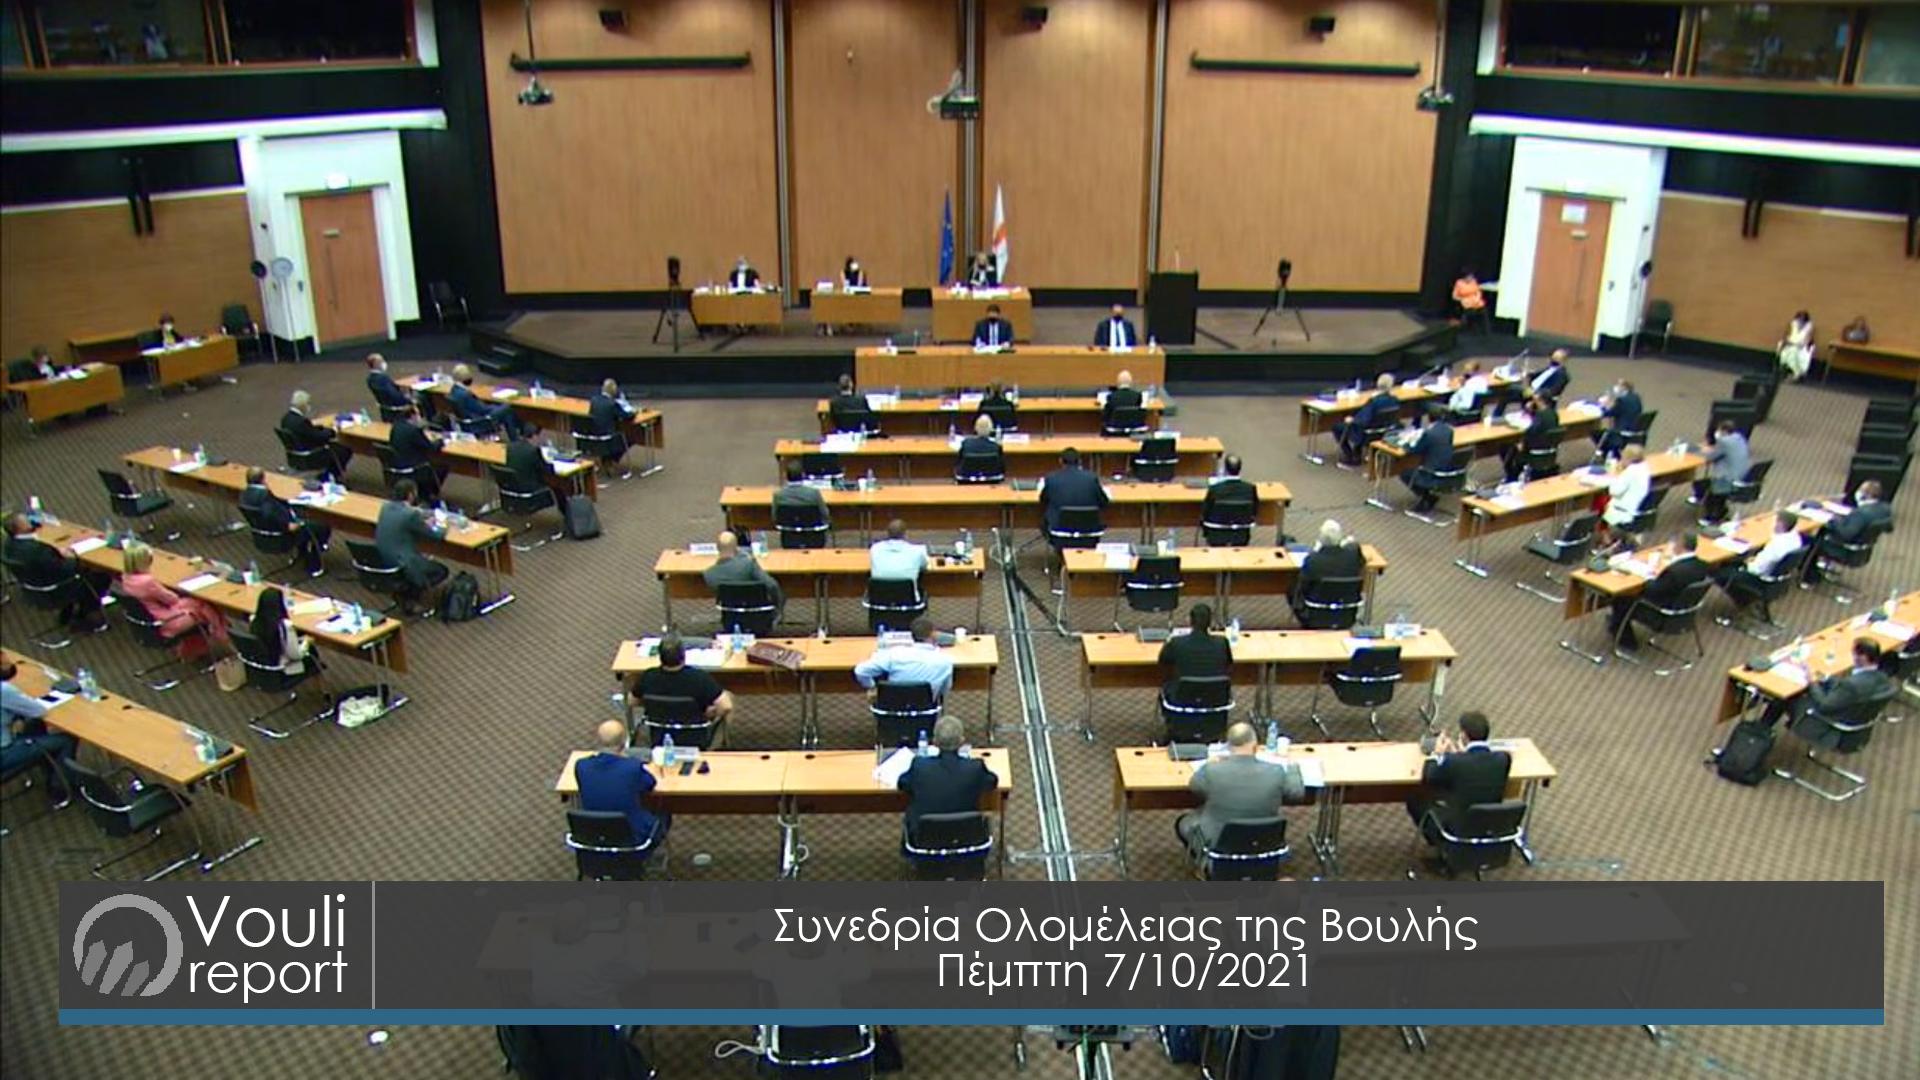 Συνεδρία Ολομέλειας της Βουλής   07/10/2021